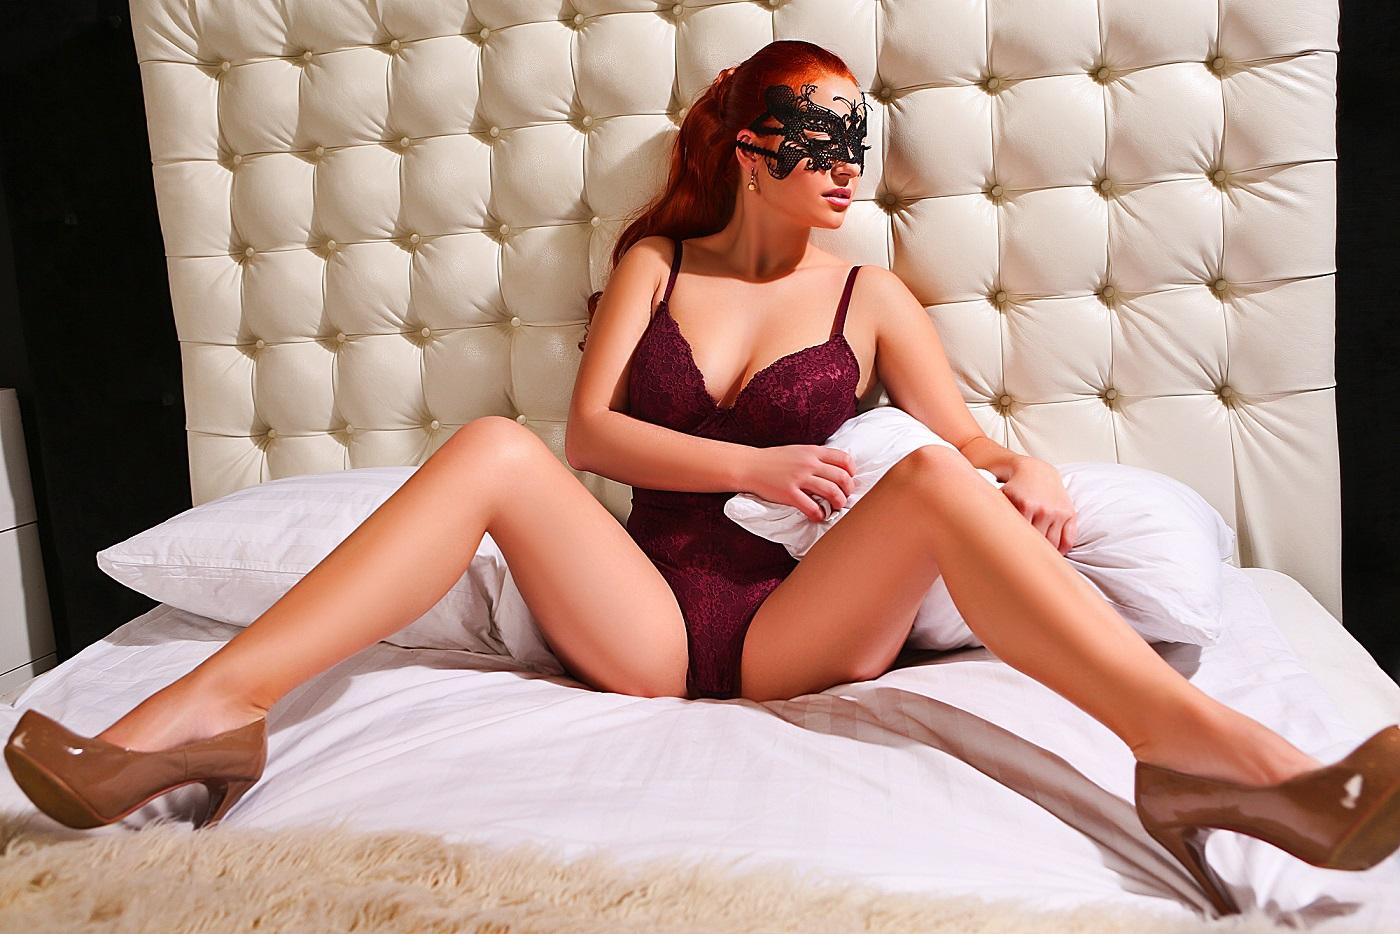 зрелые проститутки москвы реальные фото